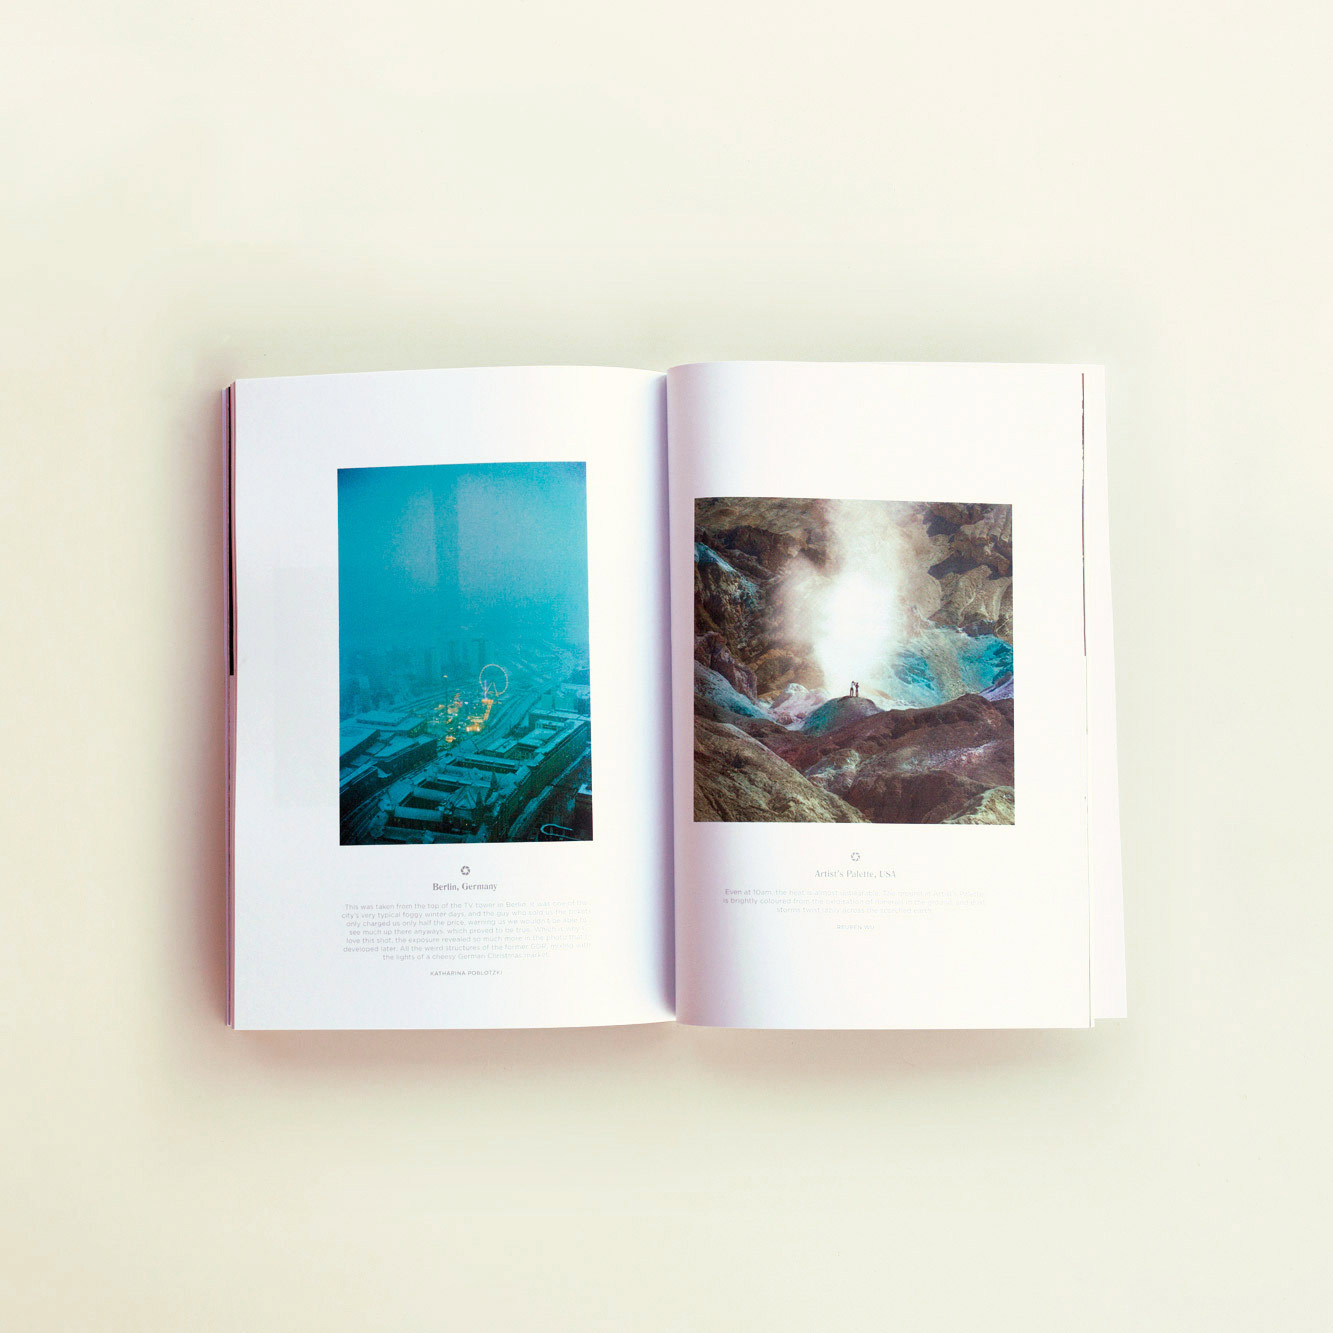 adventurehandbook-15